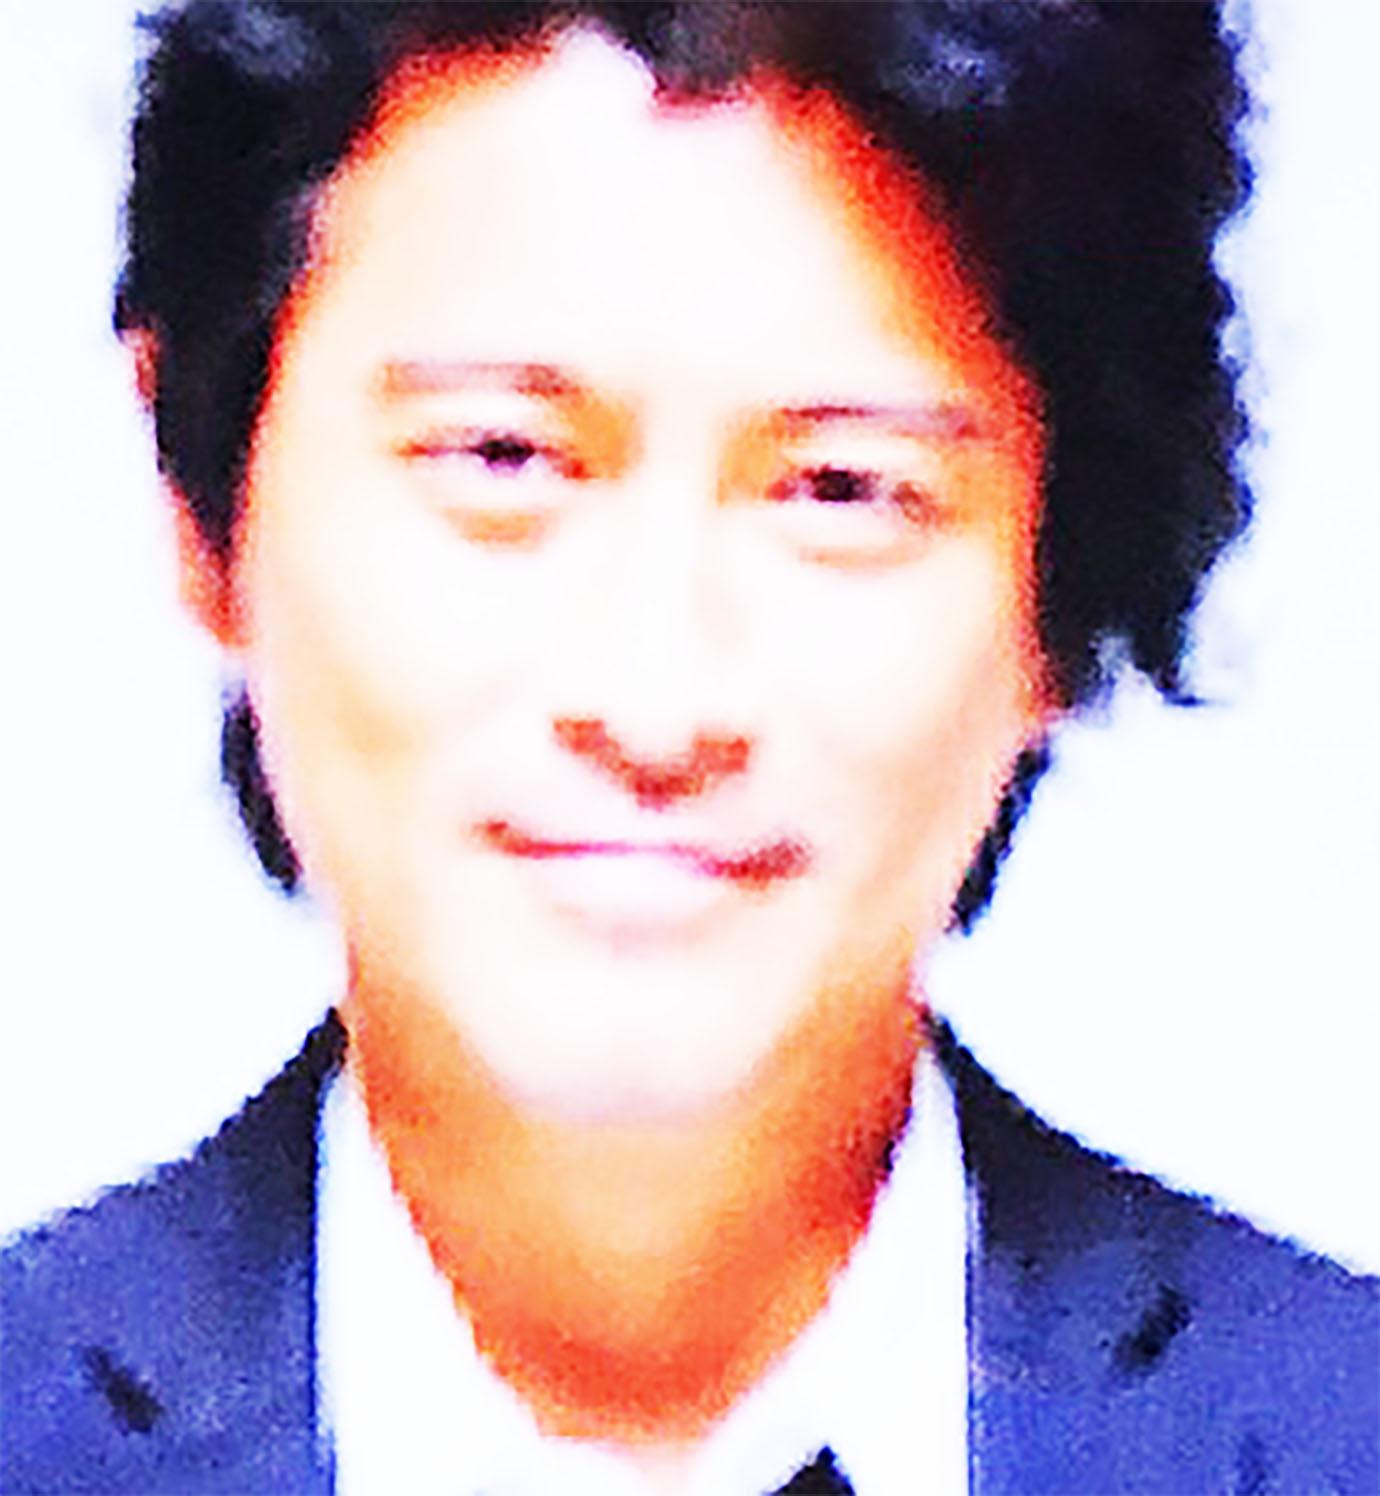 tokio-cd-image12